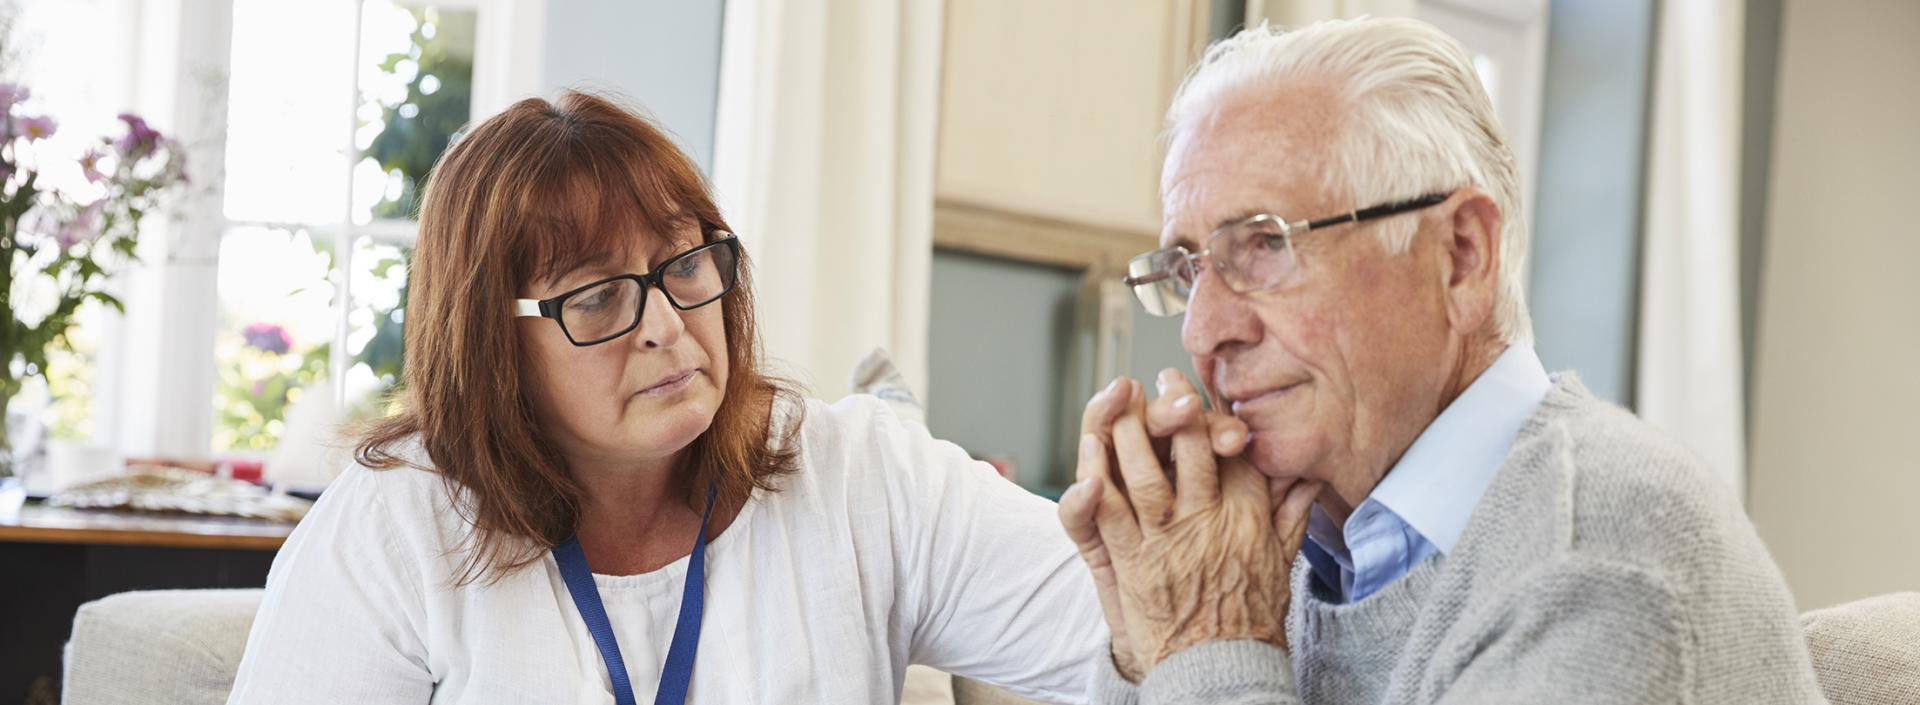 Especialização Avançada em Psicopatologia do Adulto ao Idoso